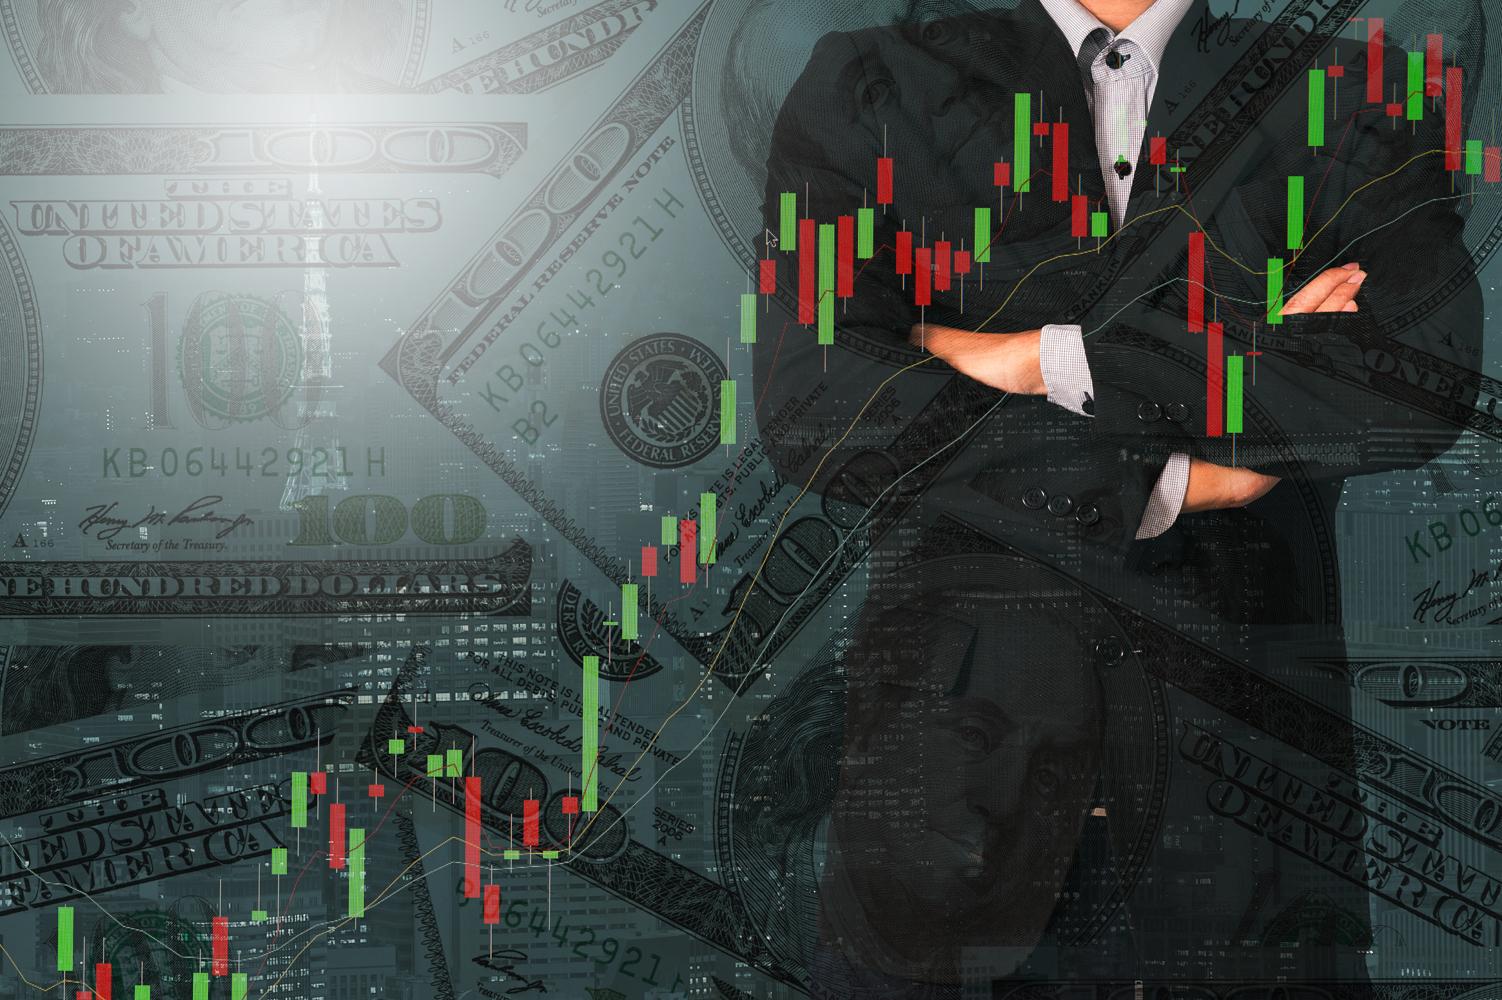 asistență în strategia de opțiuni binare câștigurile de la distanță pe Internet fără investiții